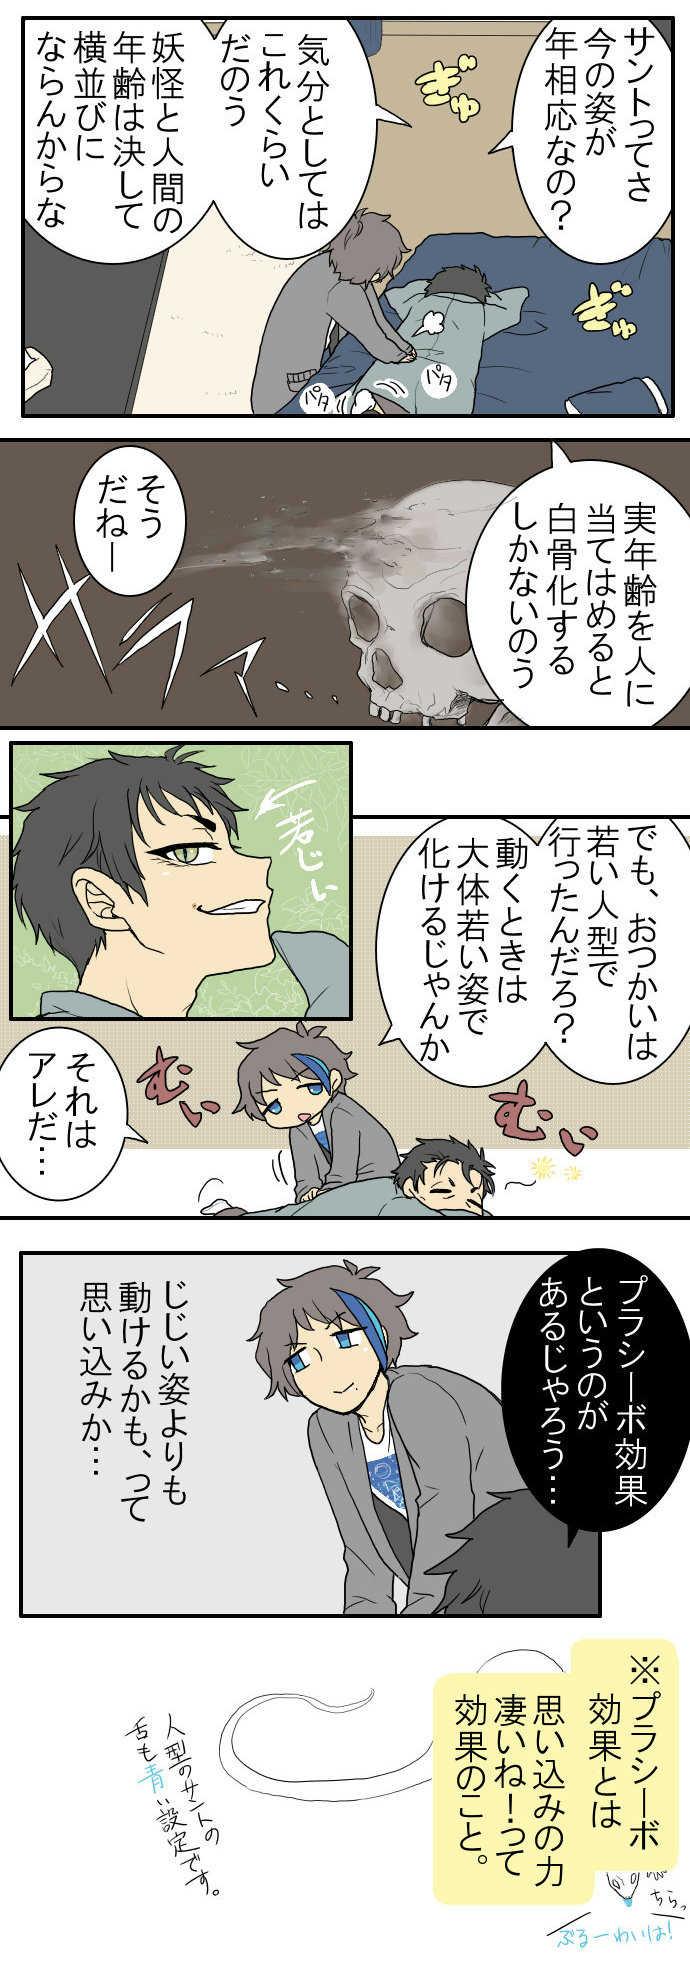 三・なみ(じゃない元気出して)